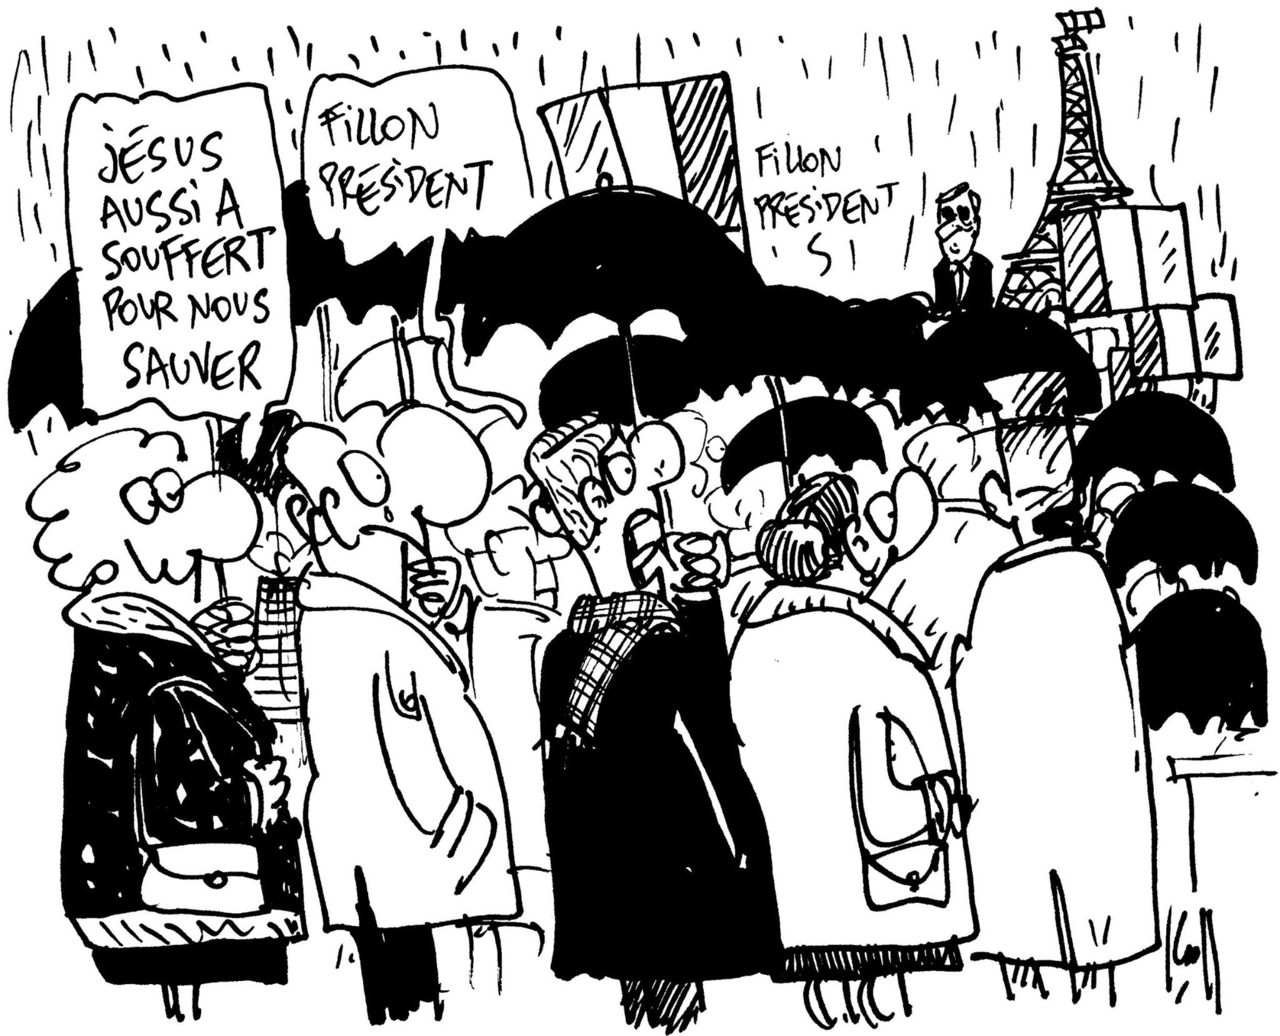 Ouh, monsieur Fillon, que vous avez de beaux costumes à 45 000 euros!